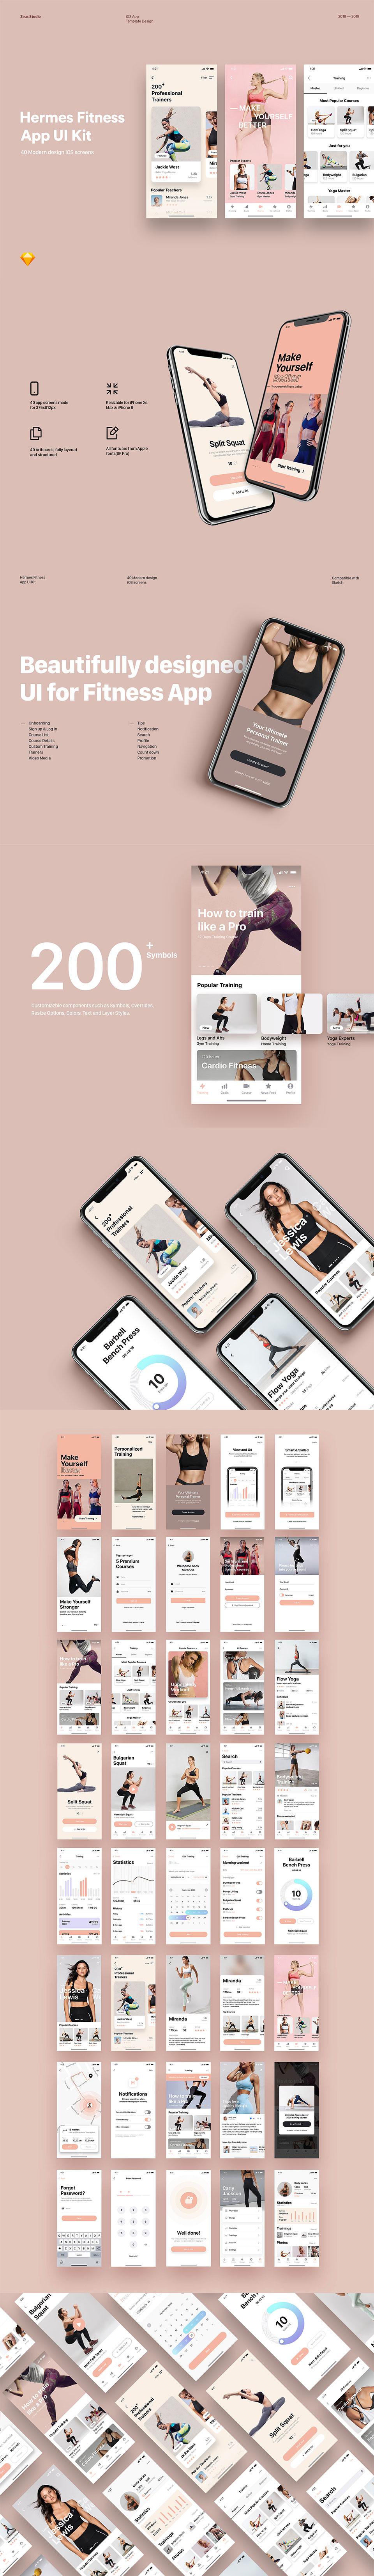 漂亮的粉色女性风格健身运动多功能APP UI KIT模板套装下载 [Sketch]